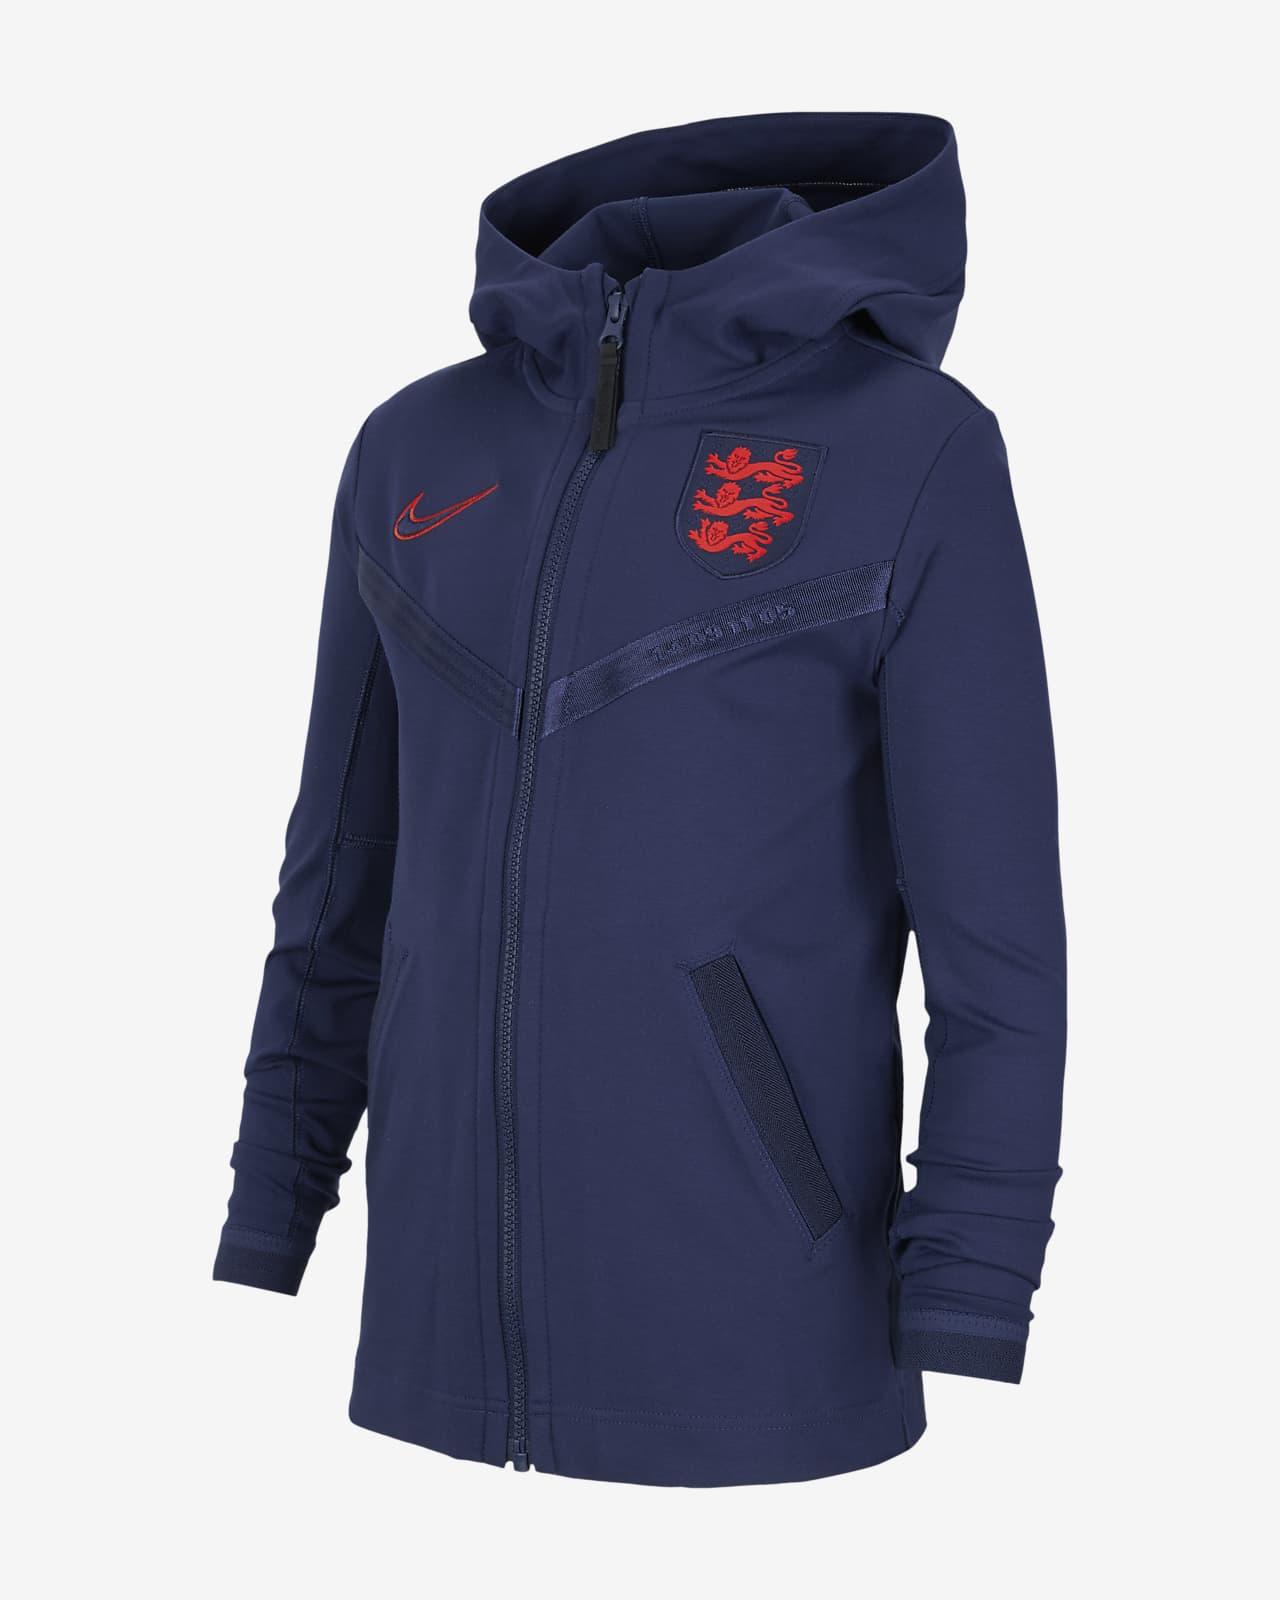 Felpa da calcio con cappuccio e zip a tutta lunghezza Inghilterra Tech Pack - Ragazzi